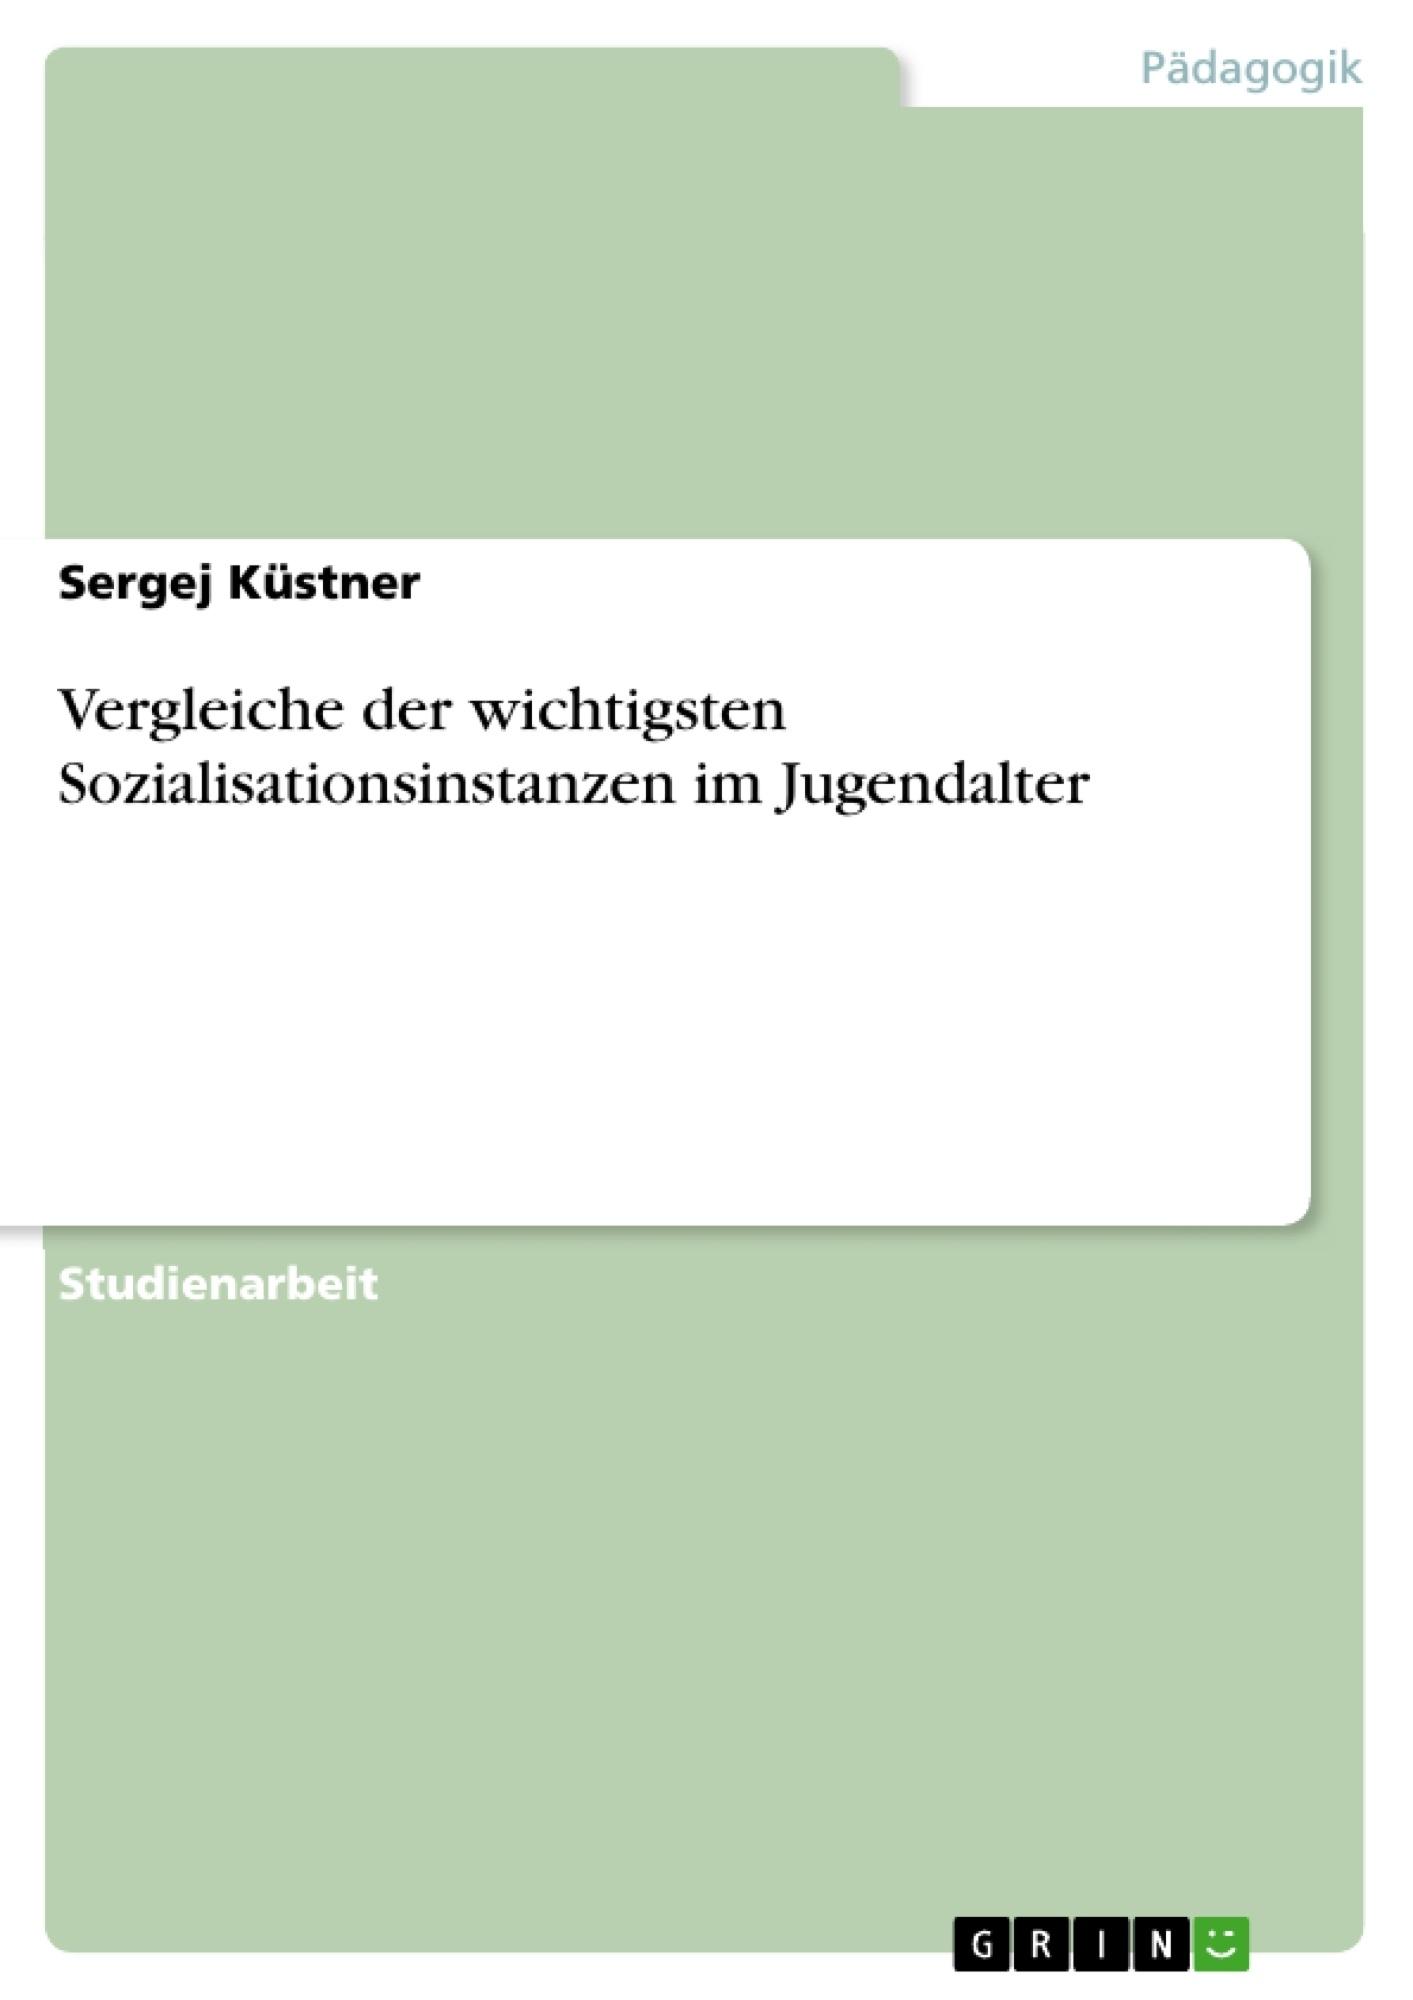 Titel: Vergleiche der wichtigsten Sozialisationsinstanzen im Jugendalter